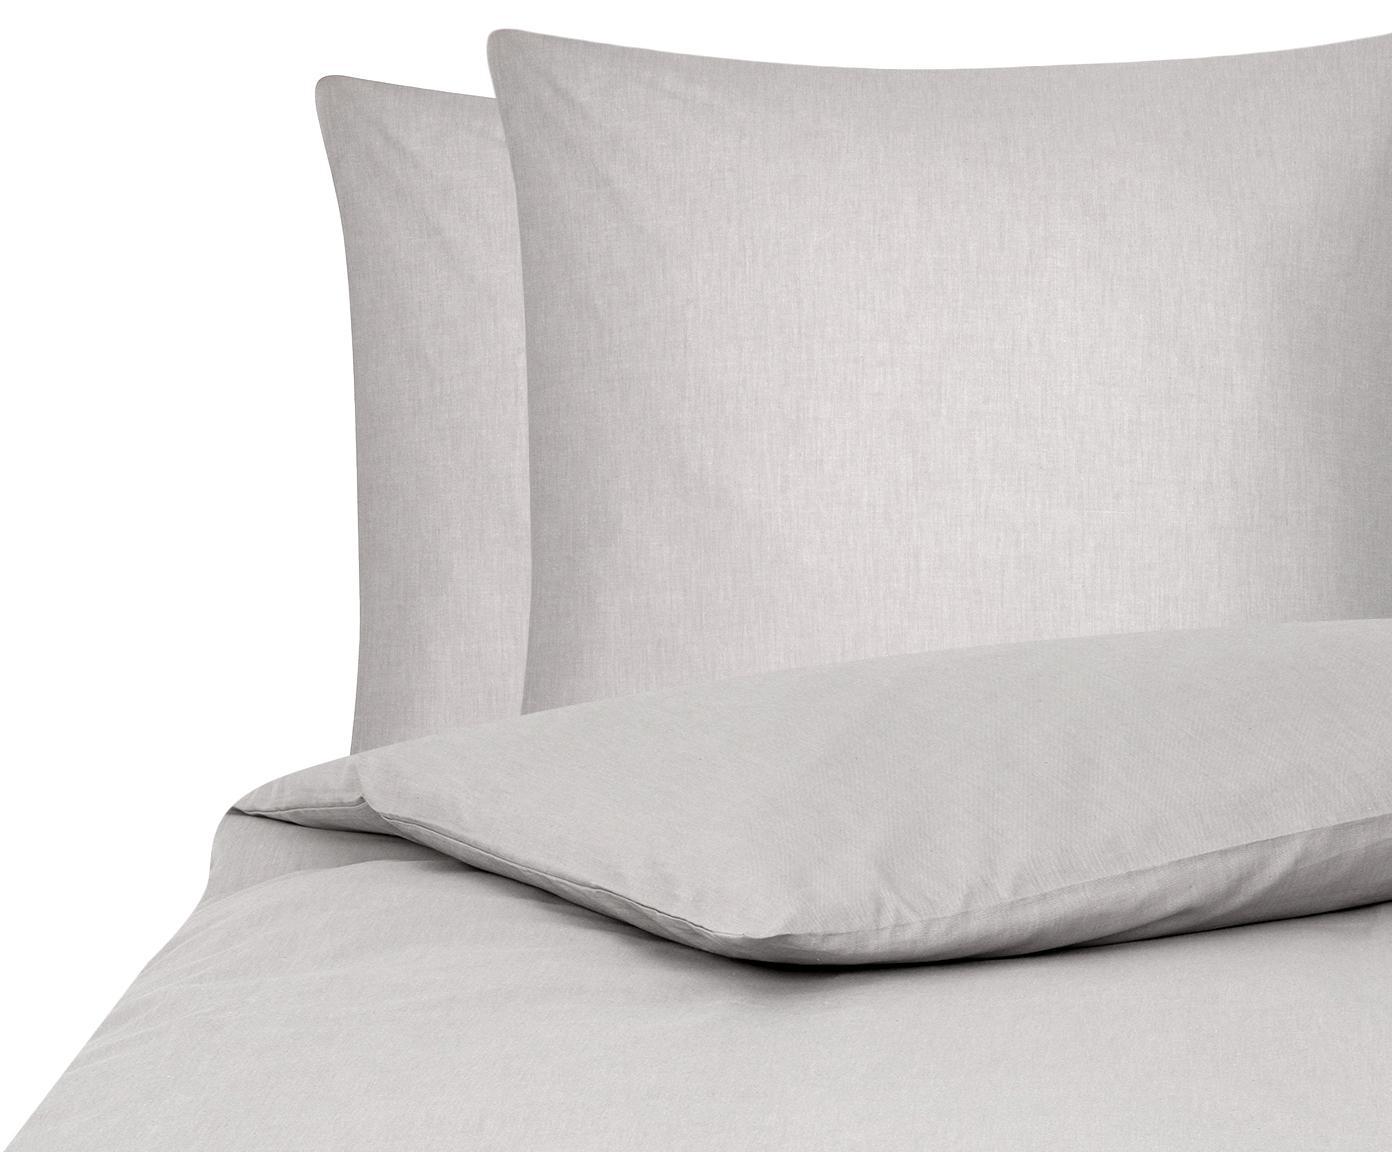 Bettwäsche Cashmere in Beige, Beige, 200 x 200 cm + 2 Kissen 80 x 80 cm